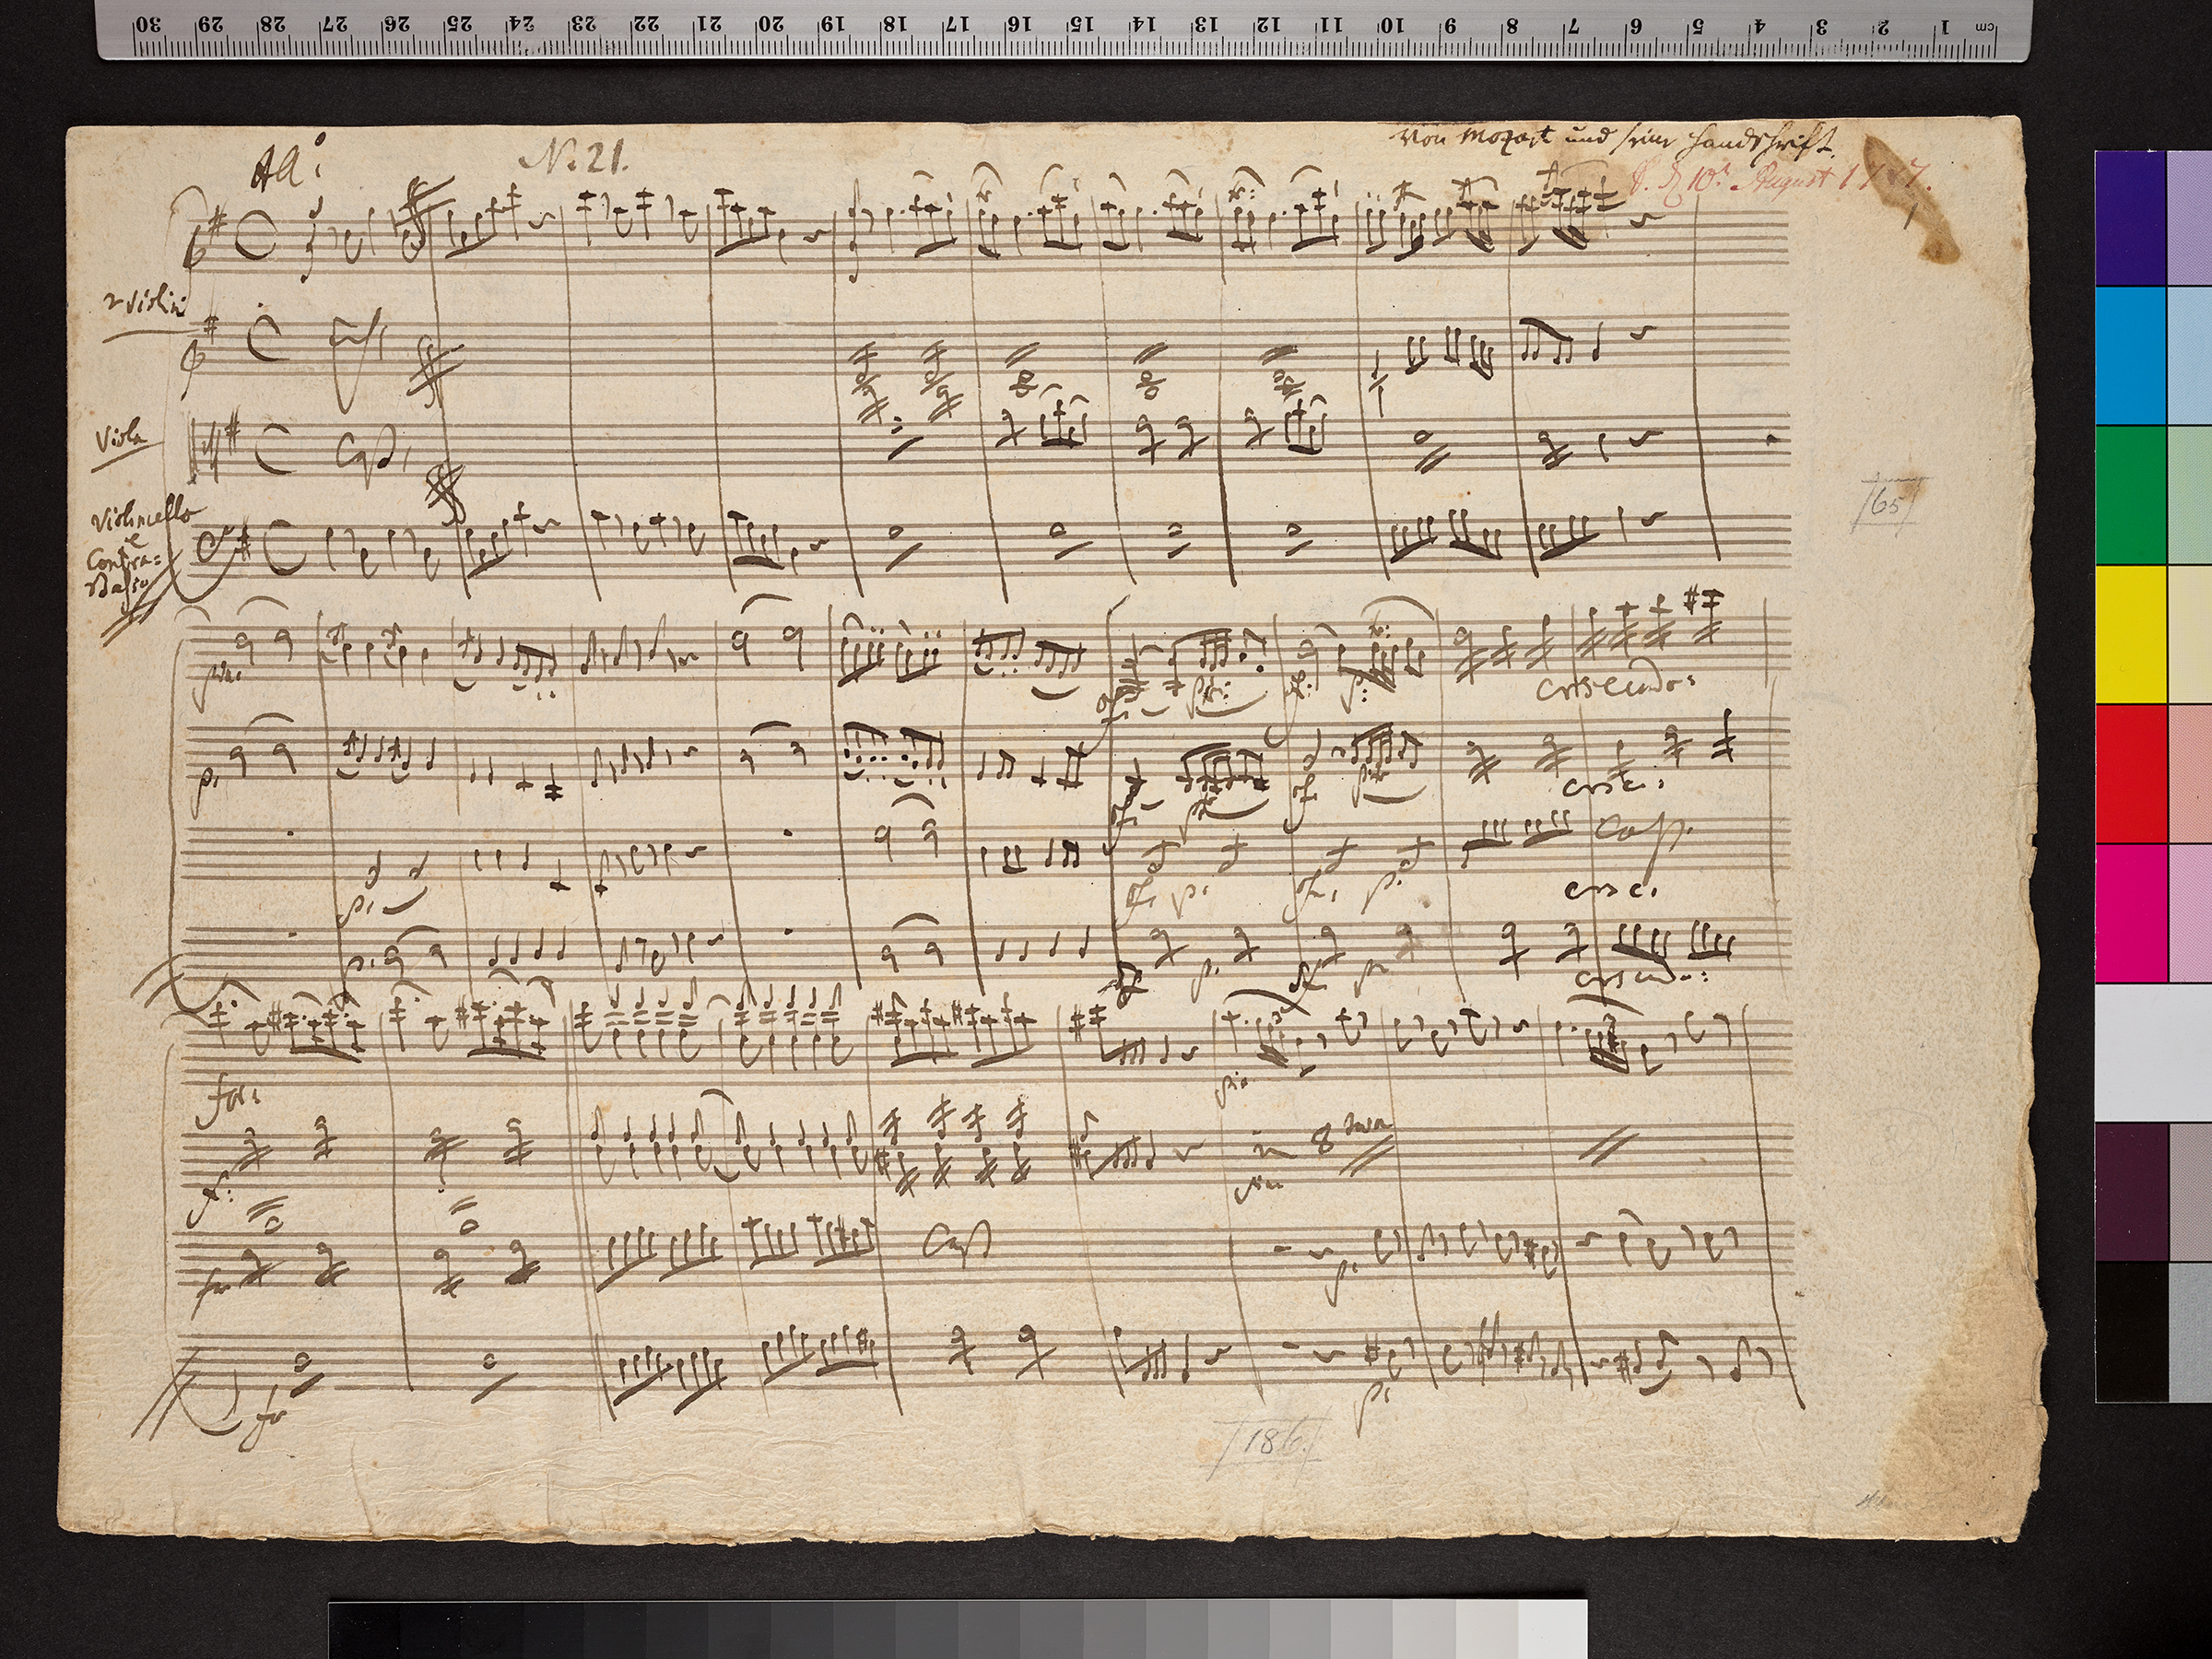 """Original of Mozart's """"Eine kleine Nachtmusik"""" from 1787 © Sammlung Arthur Wilhelm, Paul Sacher Stiftung"""